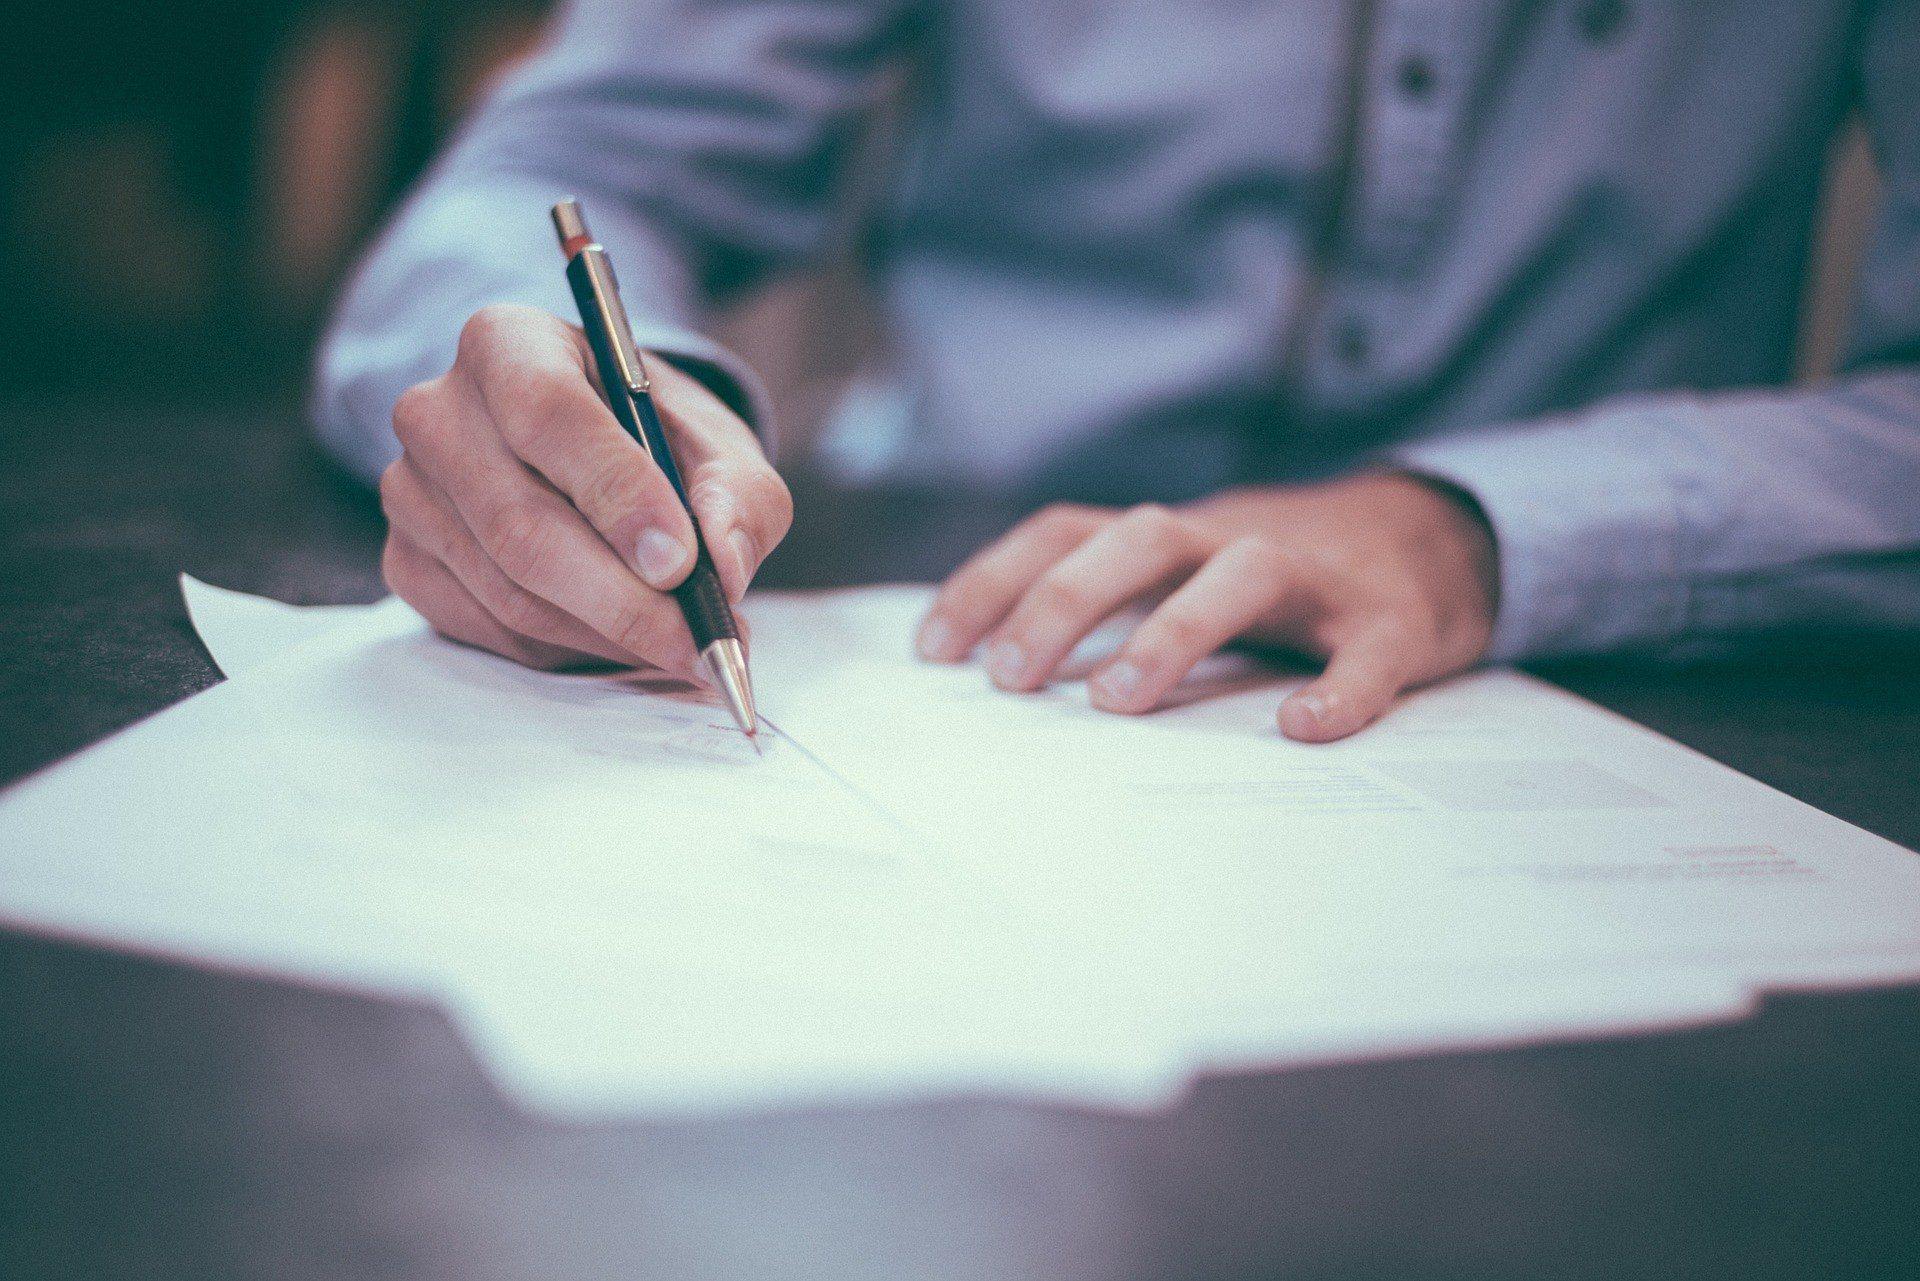 Planejamento trabalhista e alteração por flexibilização de direitos contratuais